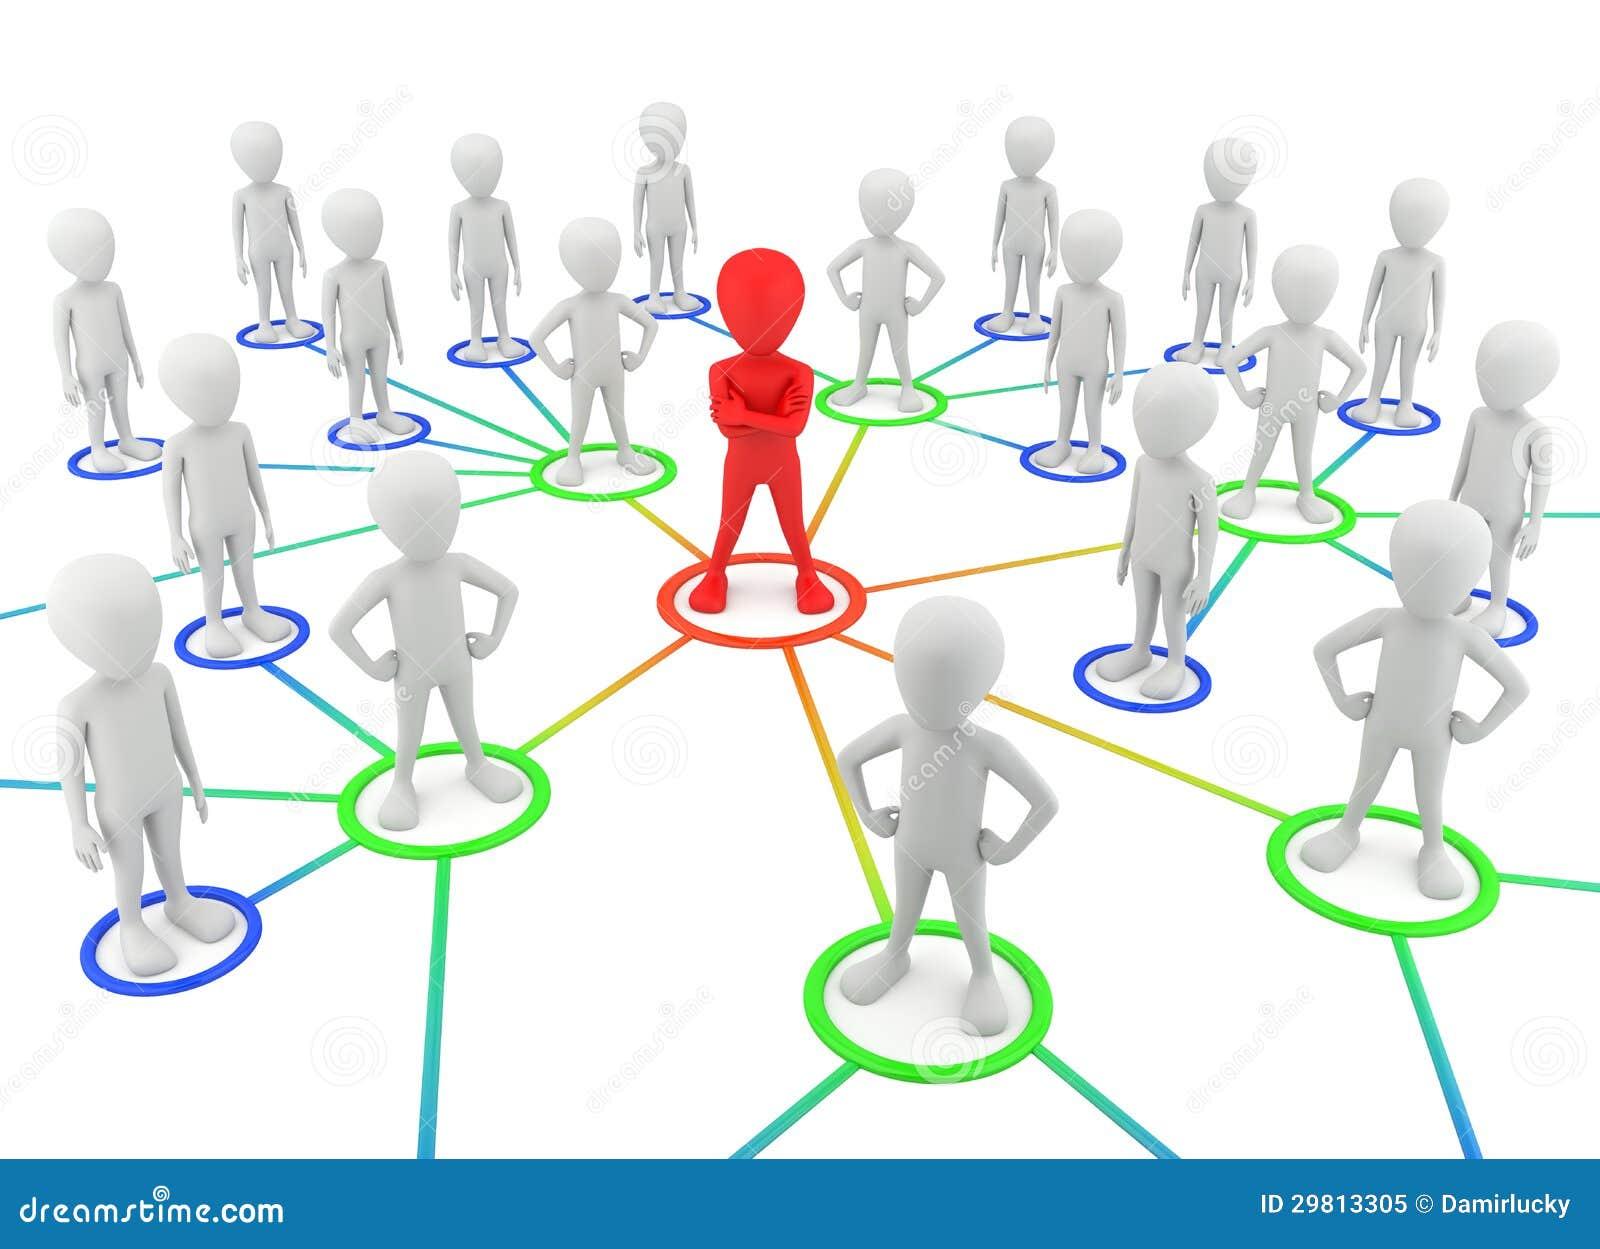 3d povos pequenos - sócios a rede.